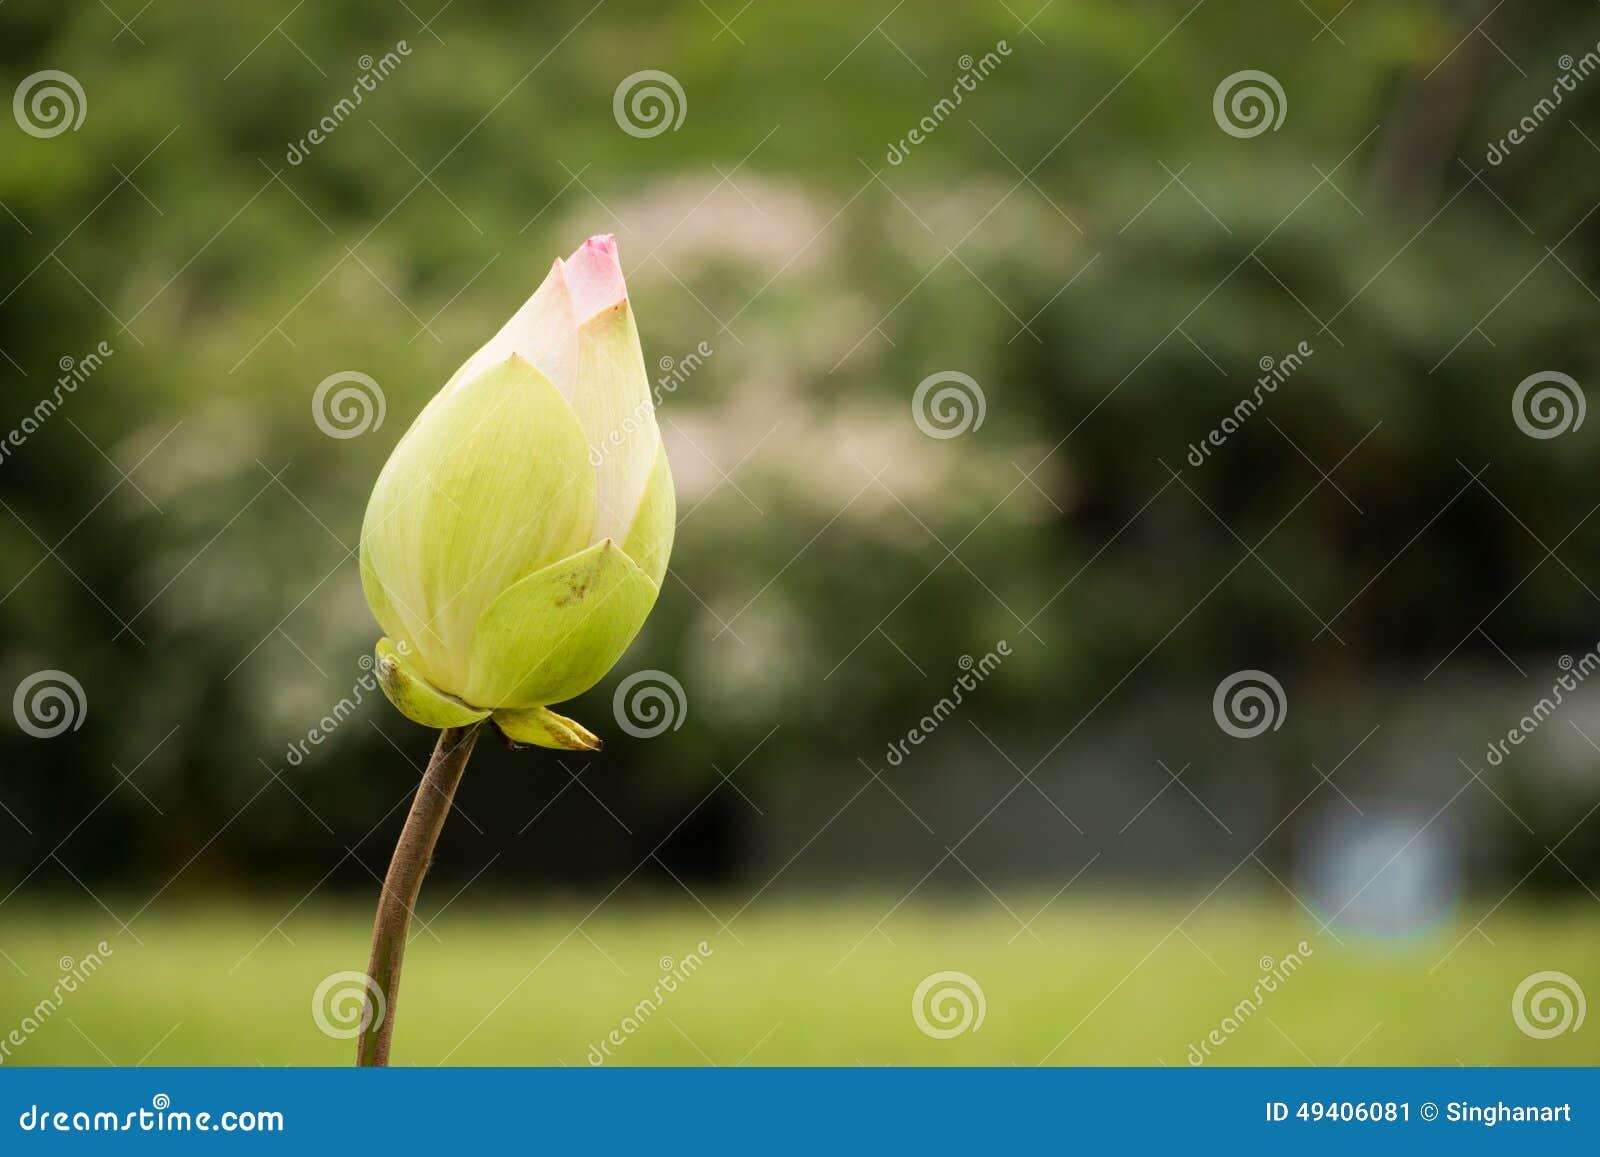 Download Lotus In Heraus Fokussieren Hintergrund Stockbild - Bild von umgebung, liebe: 49406081